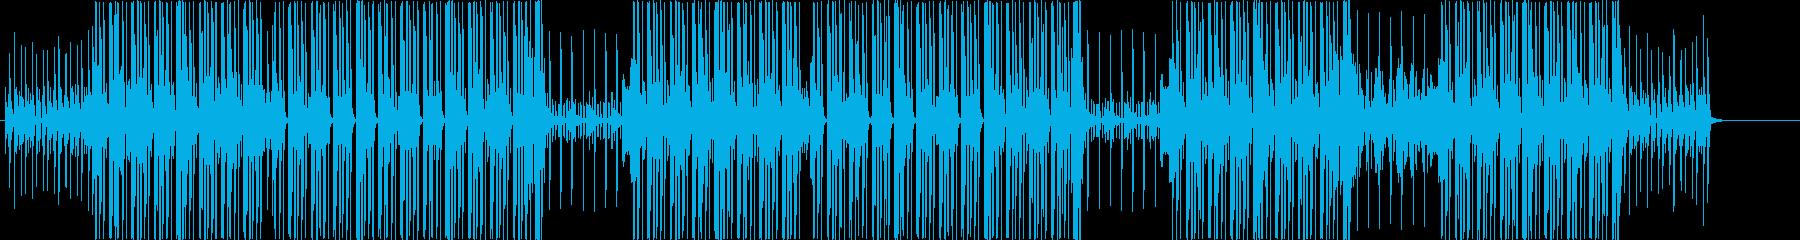 洋楽ラテン、レゲエ、ヒップホップビート♫の再生済みの波形